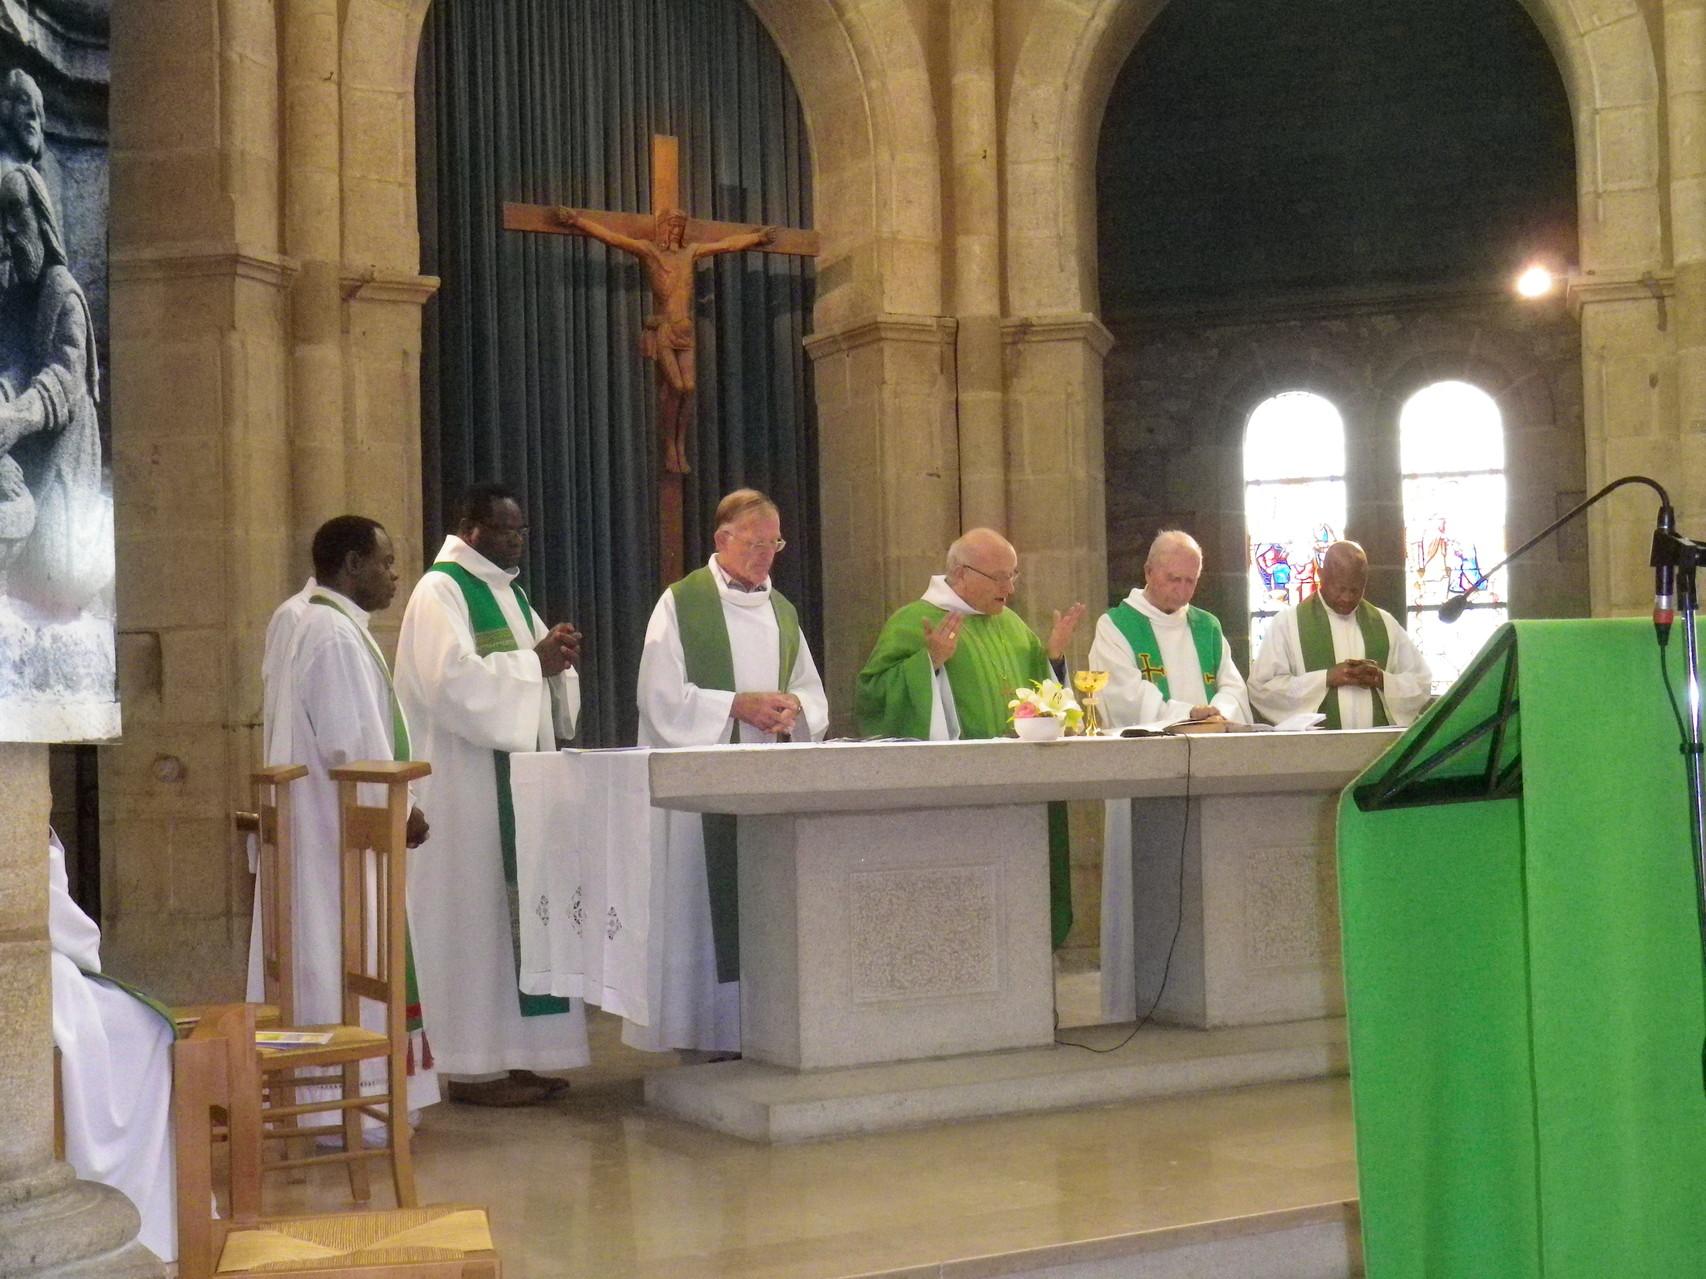 Célébration présidée par Mgr Lucien Fruchaud